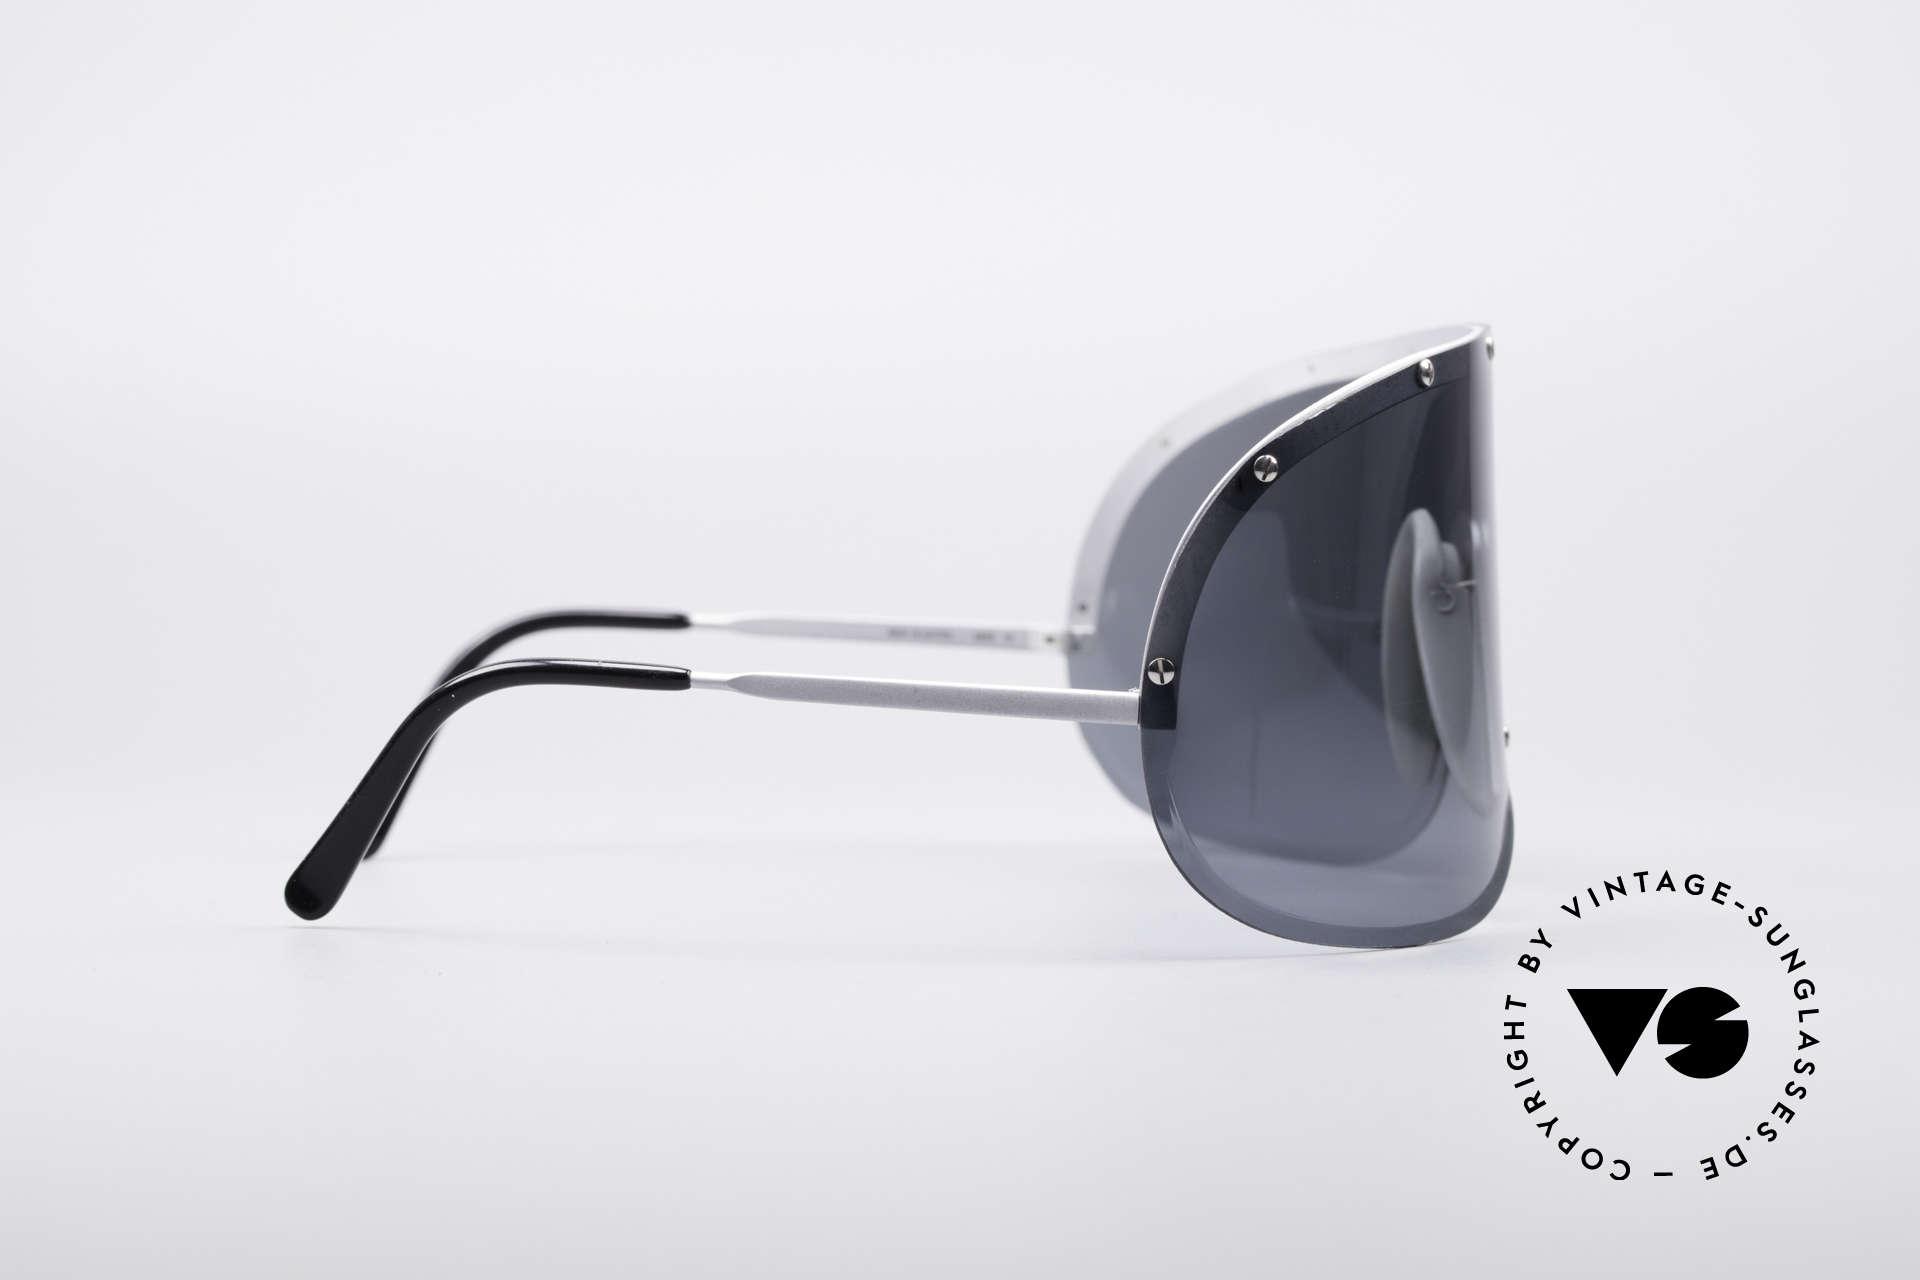 Porsche 5620 Original Yoko Ono Shades, thus, worldwide well-known as original 'Yoko Ono shades', Made for Men and Women